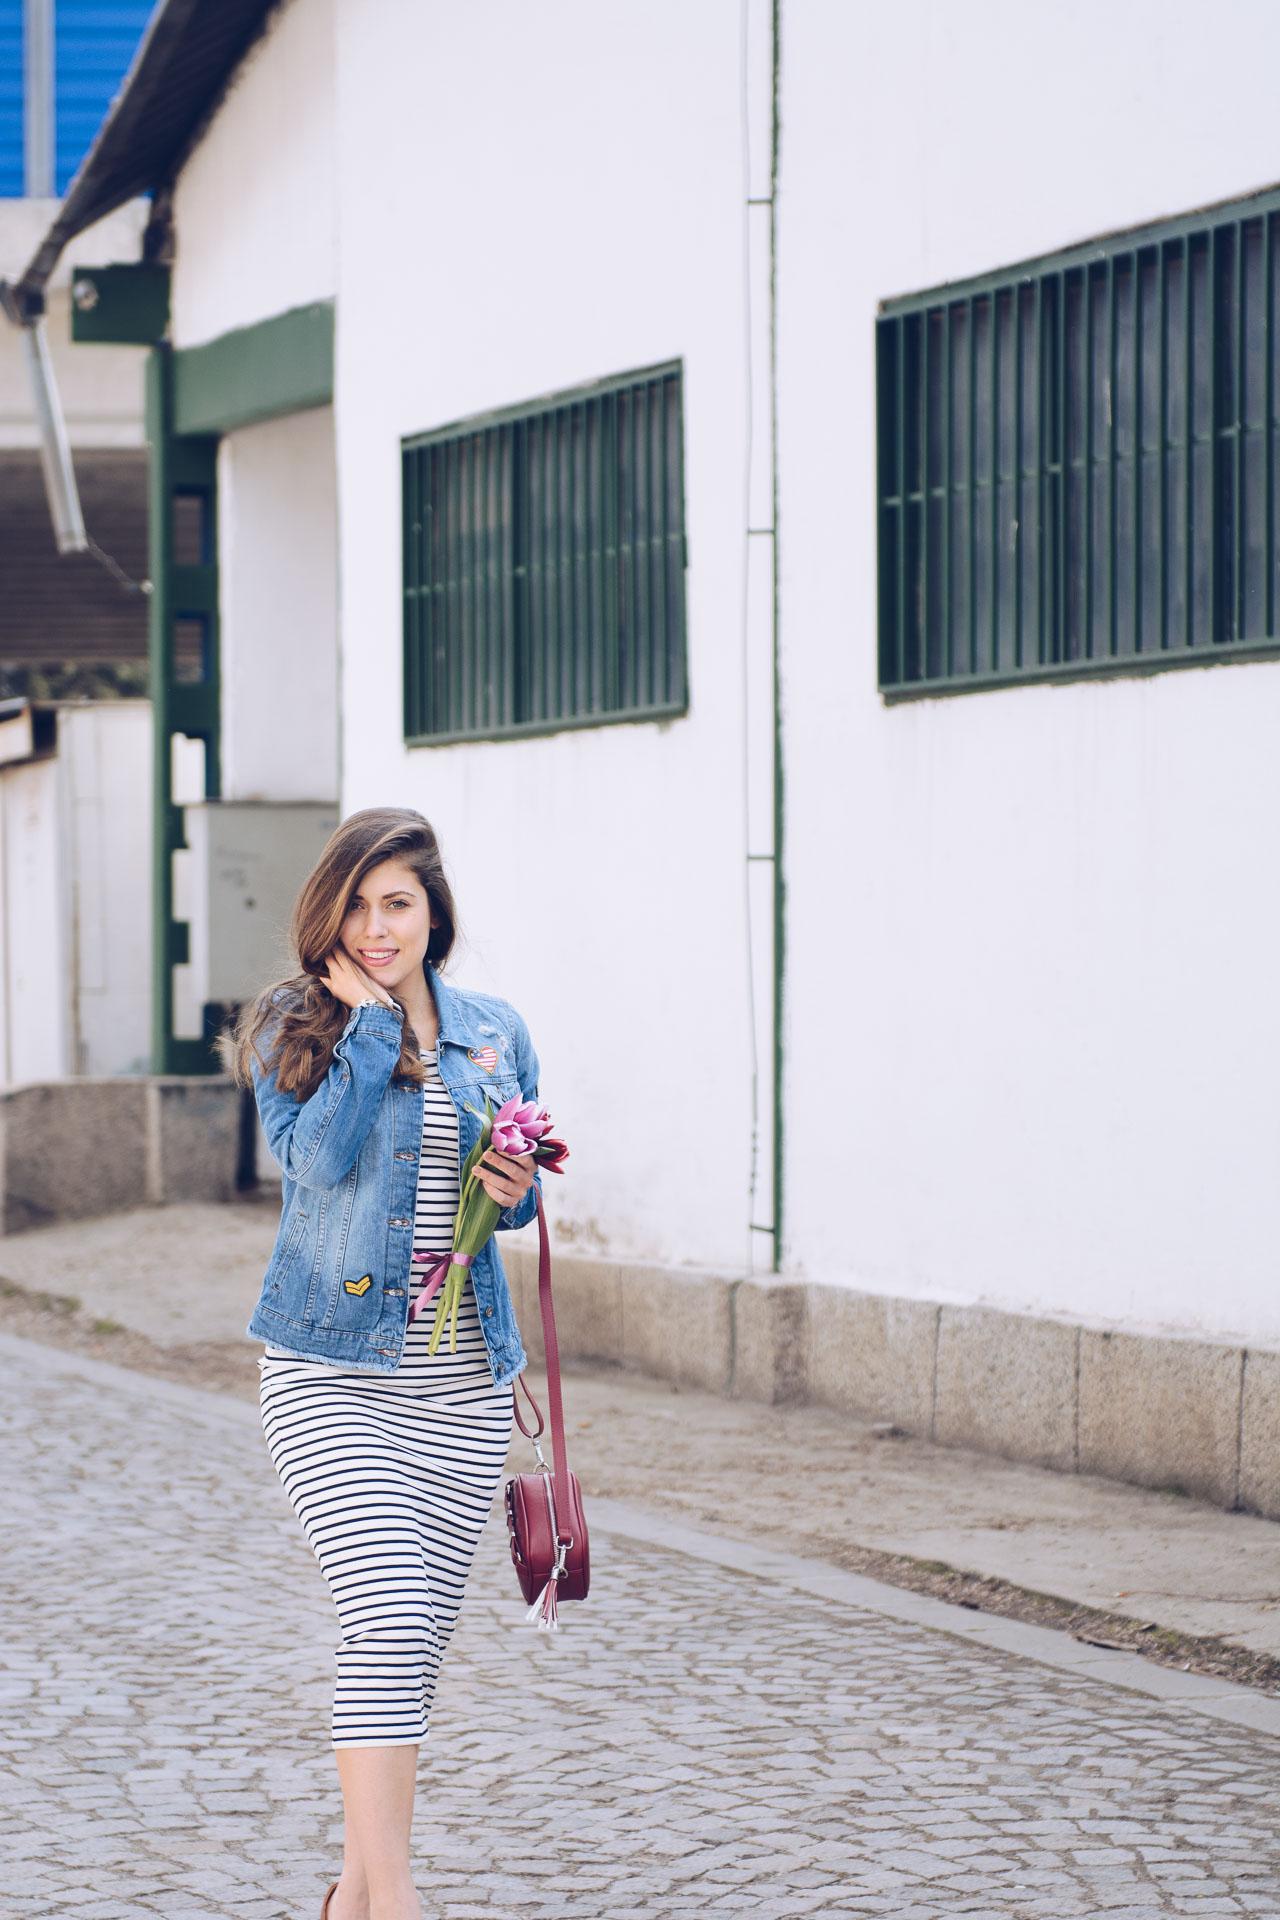 Breton striped dress 1280x1920